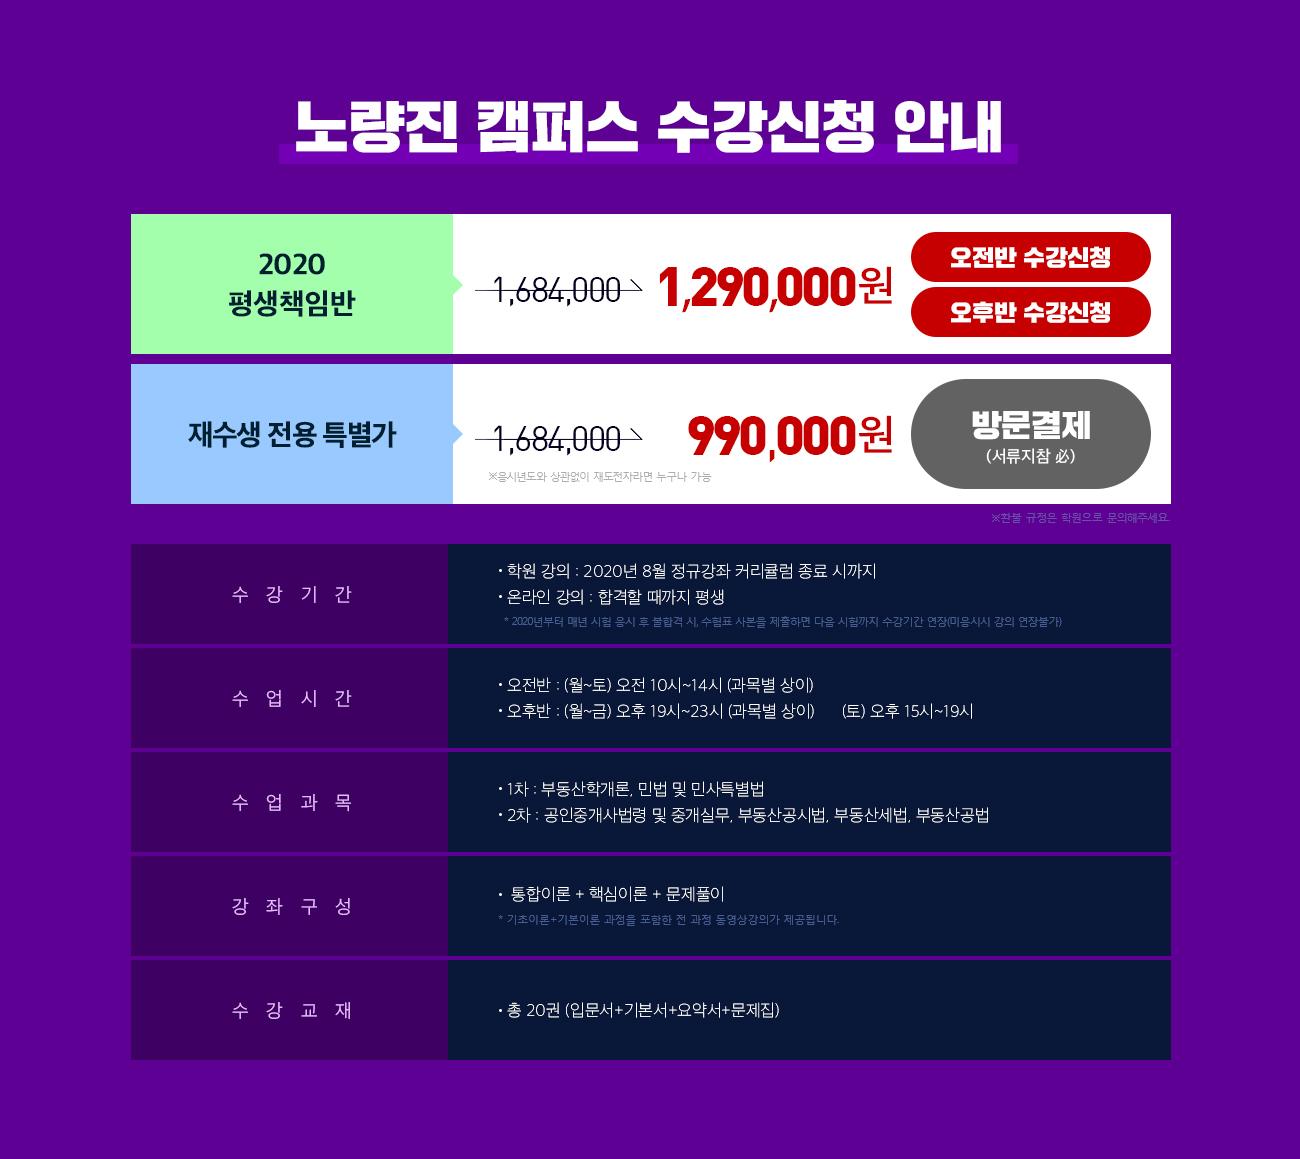 강남캠퍼스 수강신청 안내